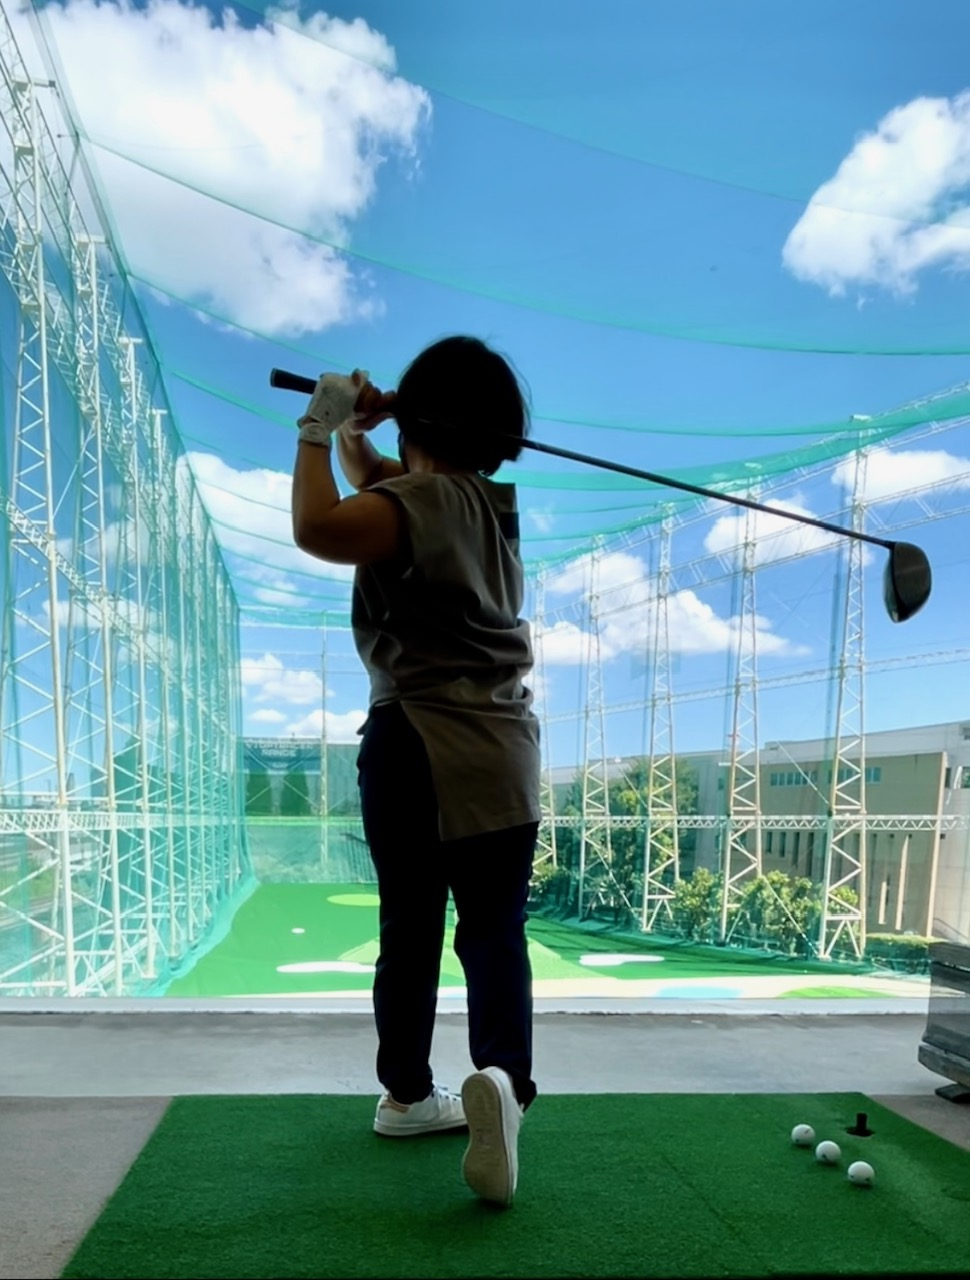 59歳の挑戦!ゴルフを始めました〜